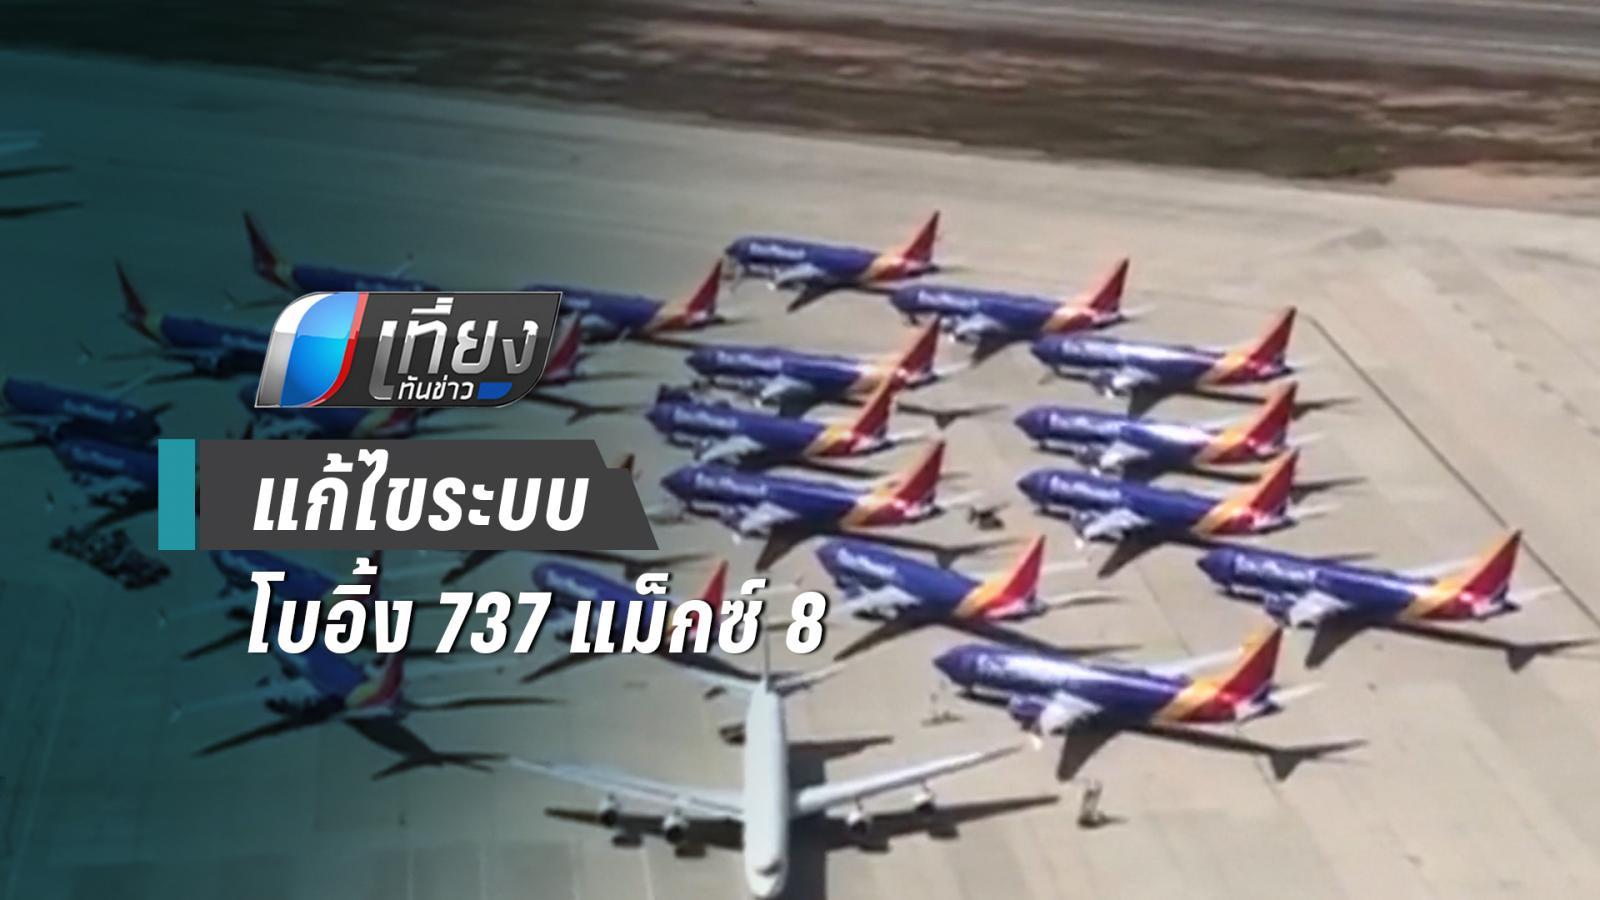 บริษัทโบอิ้ง เร่งปรับปรุง โบอิ้ง 737 แม็กซ์ 8